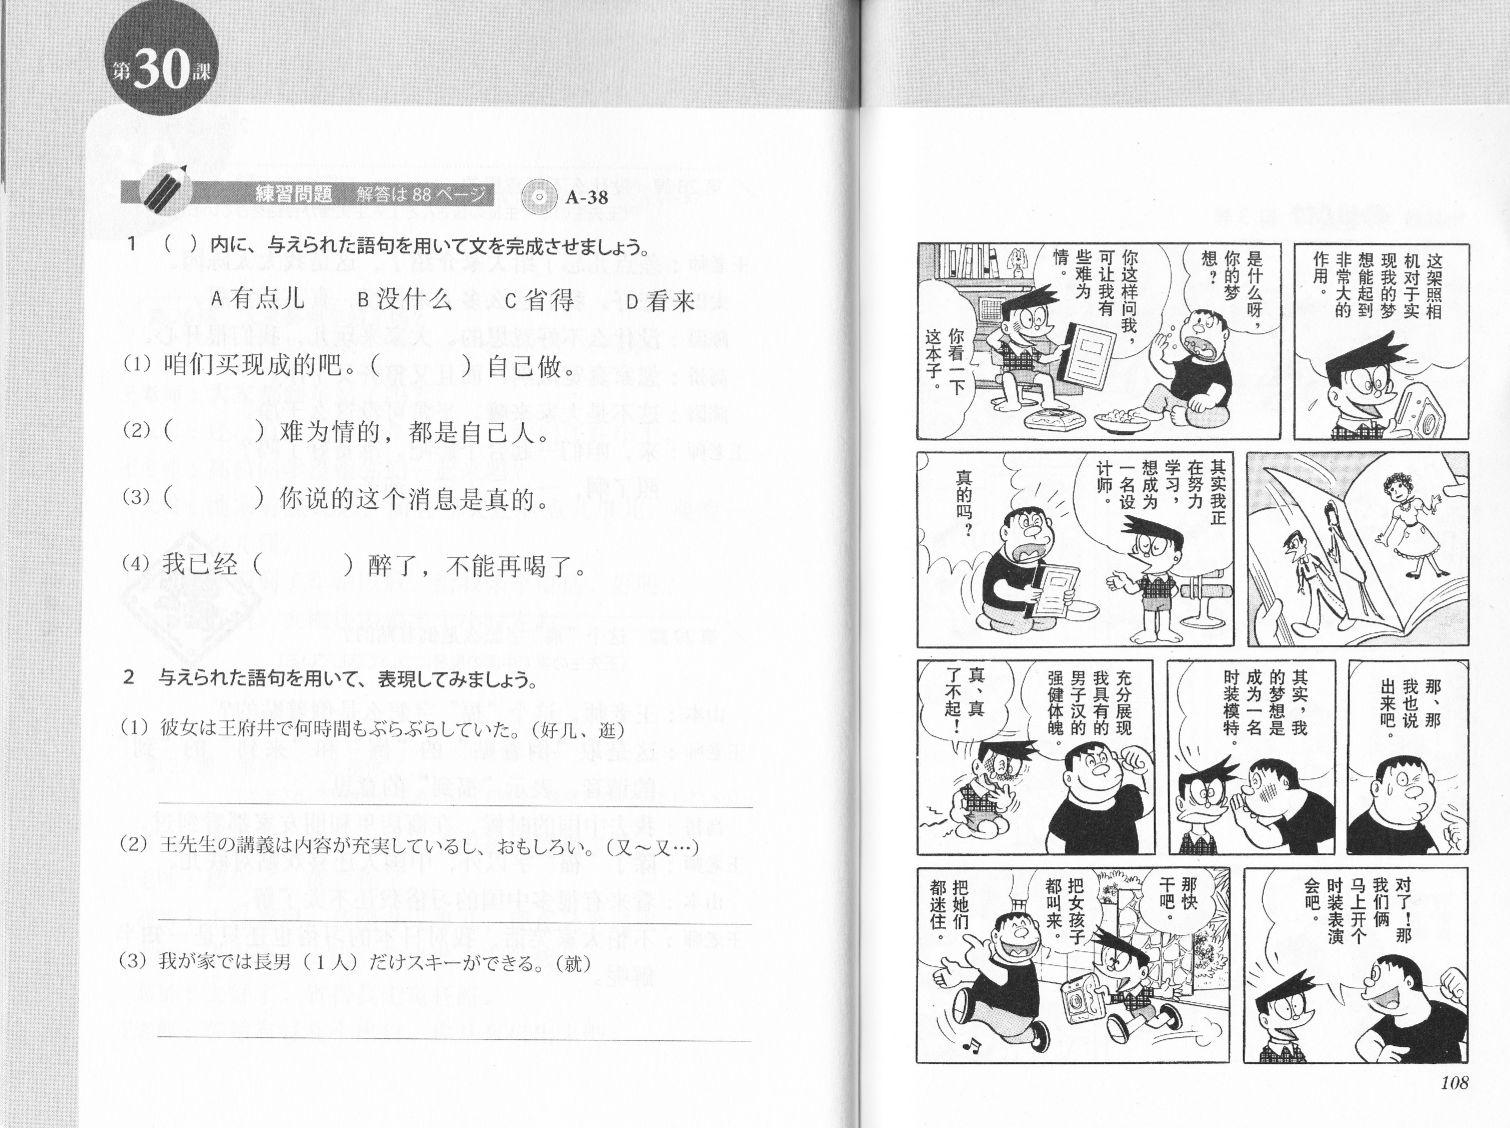 中文版ドラえもんはレベルアップ中国語レベル?(15年9月8日)_c0059093_13494239.jpg